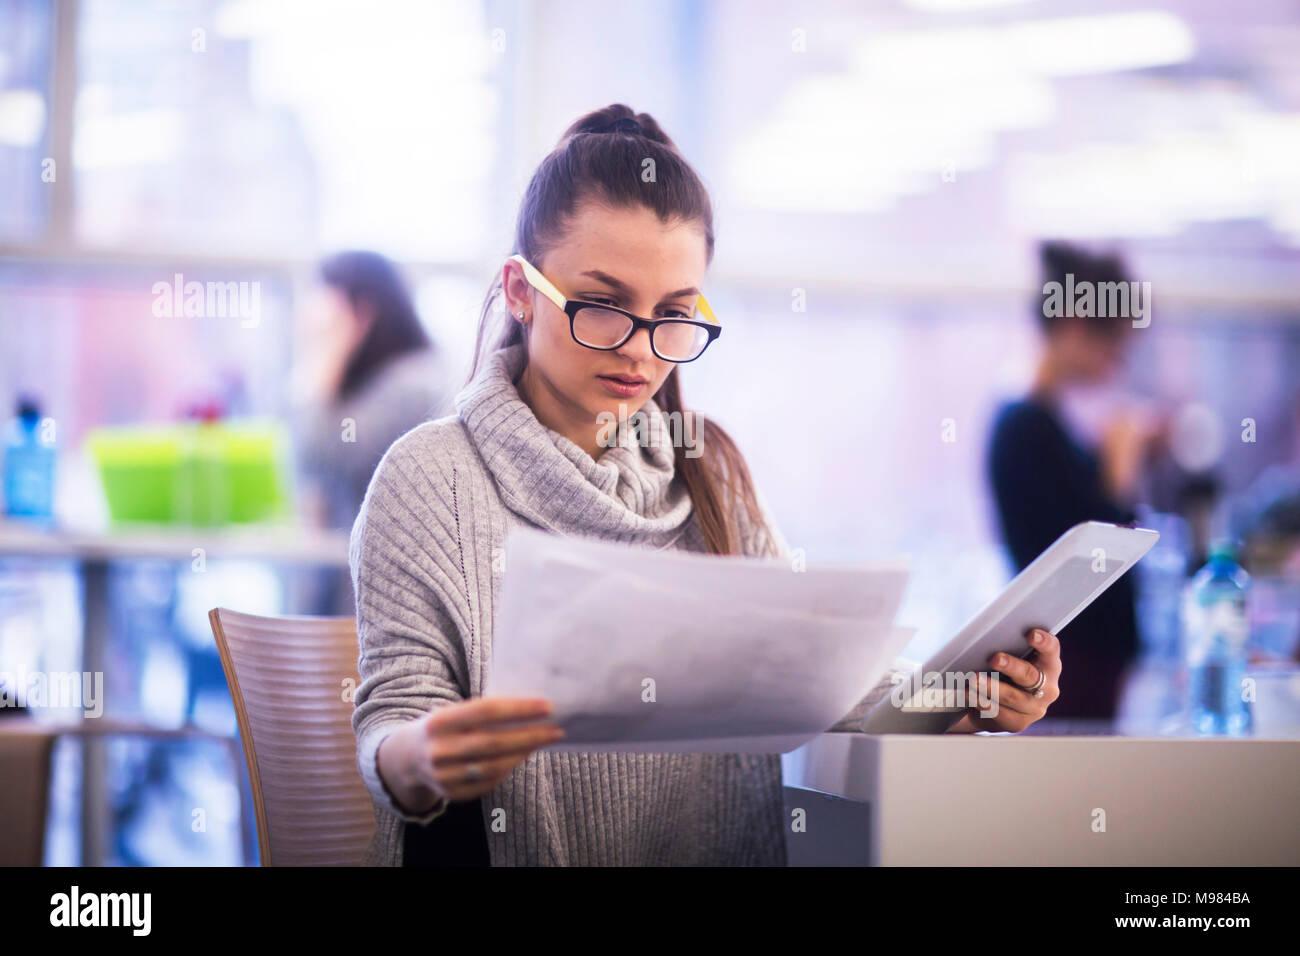 Portrait de jeune femme travaillant dans un bureau Photo Stock